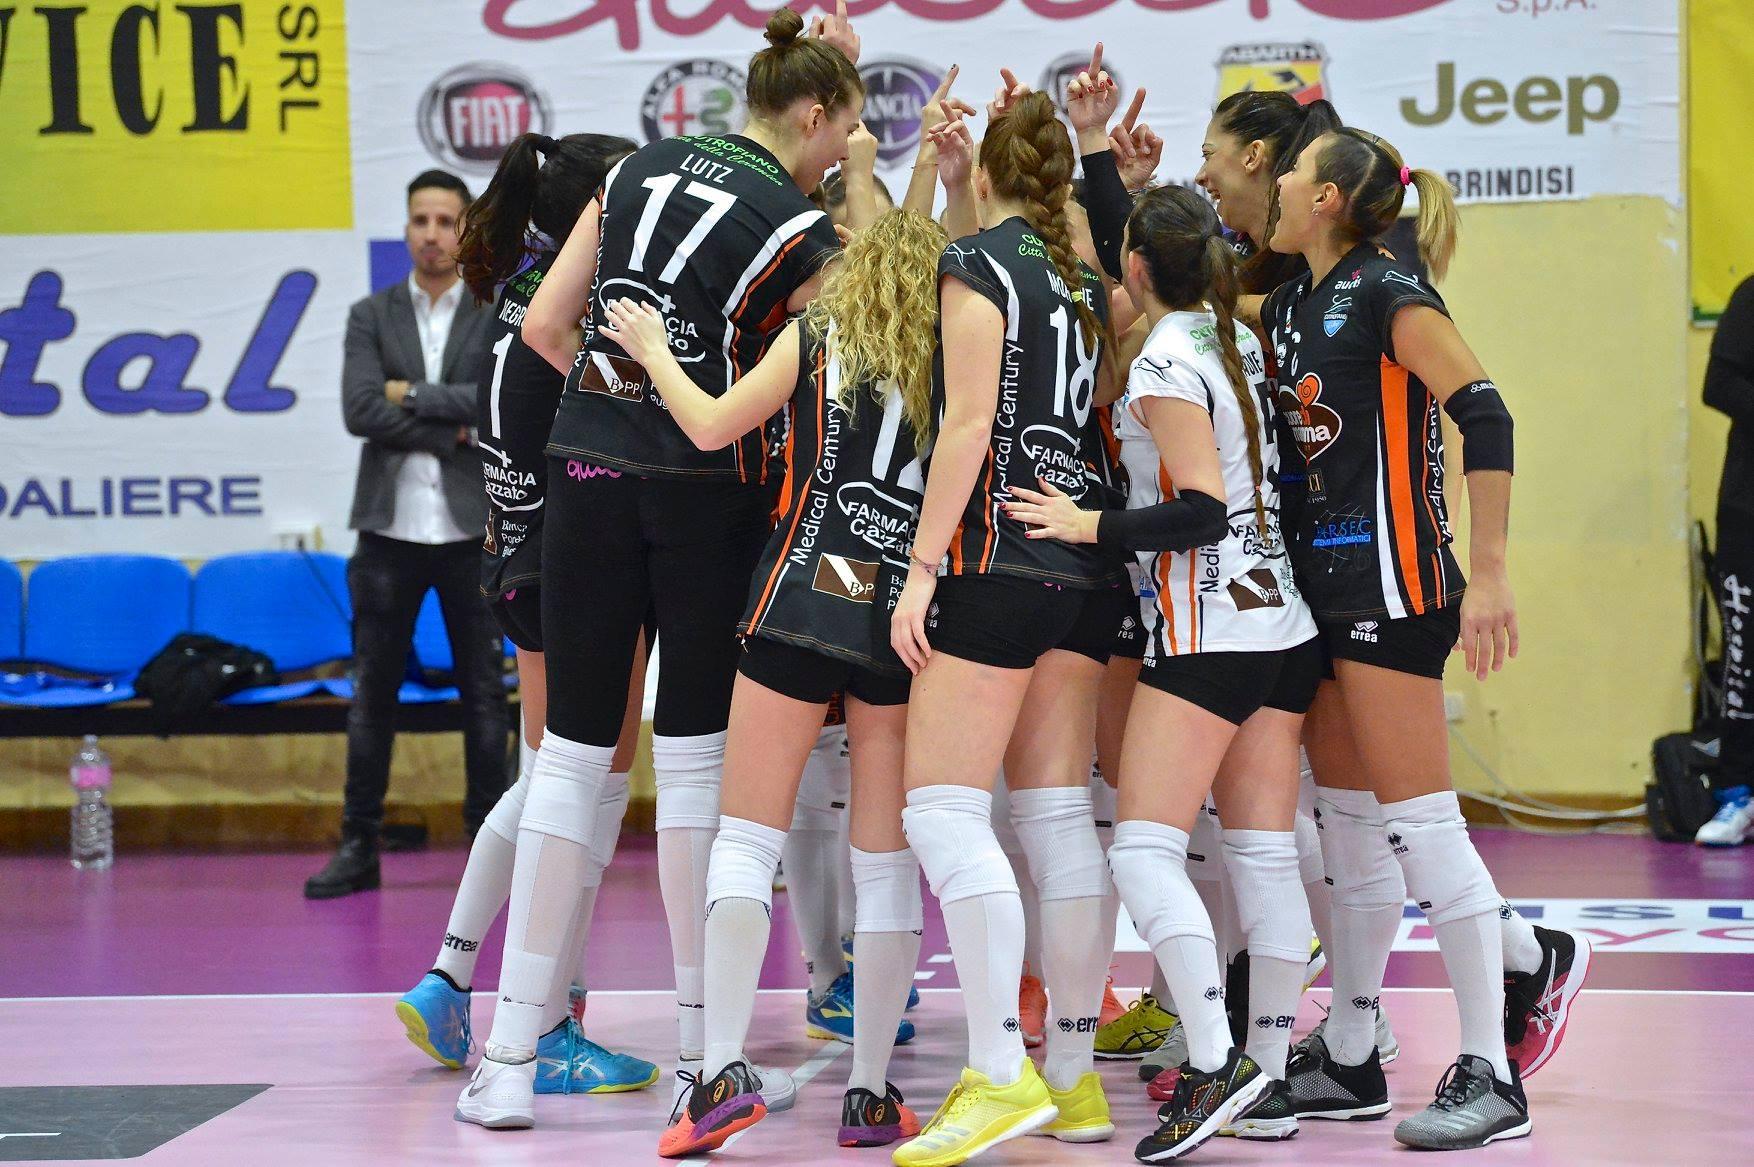 Serie A2: A Ravenna un ottimo rodaggio nonostante la sconfitta per 3a1 !